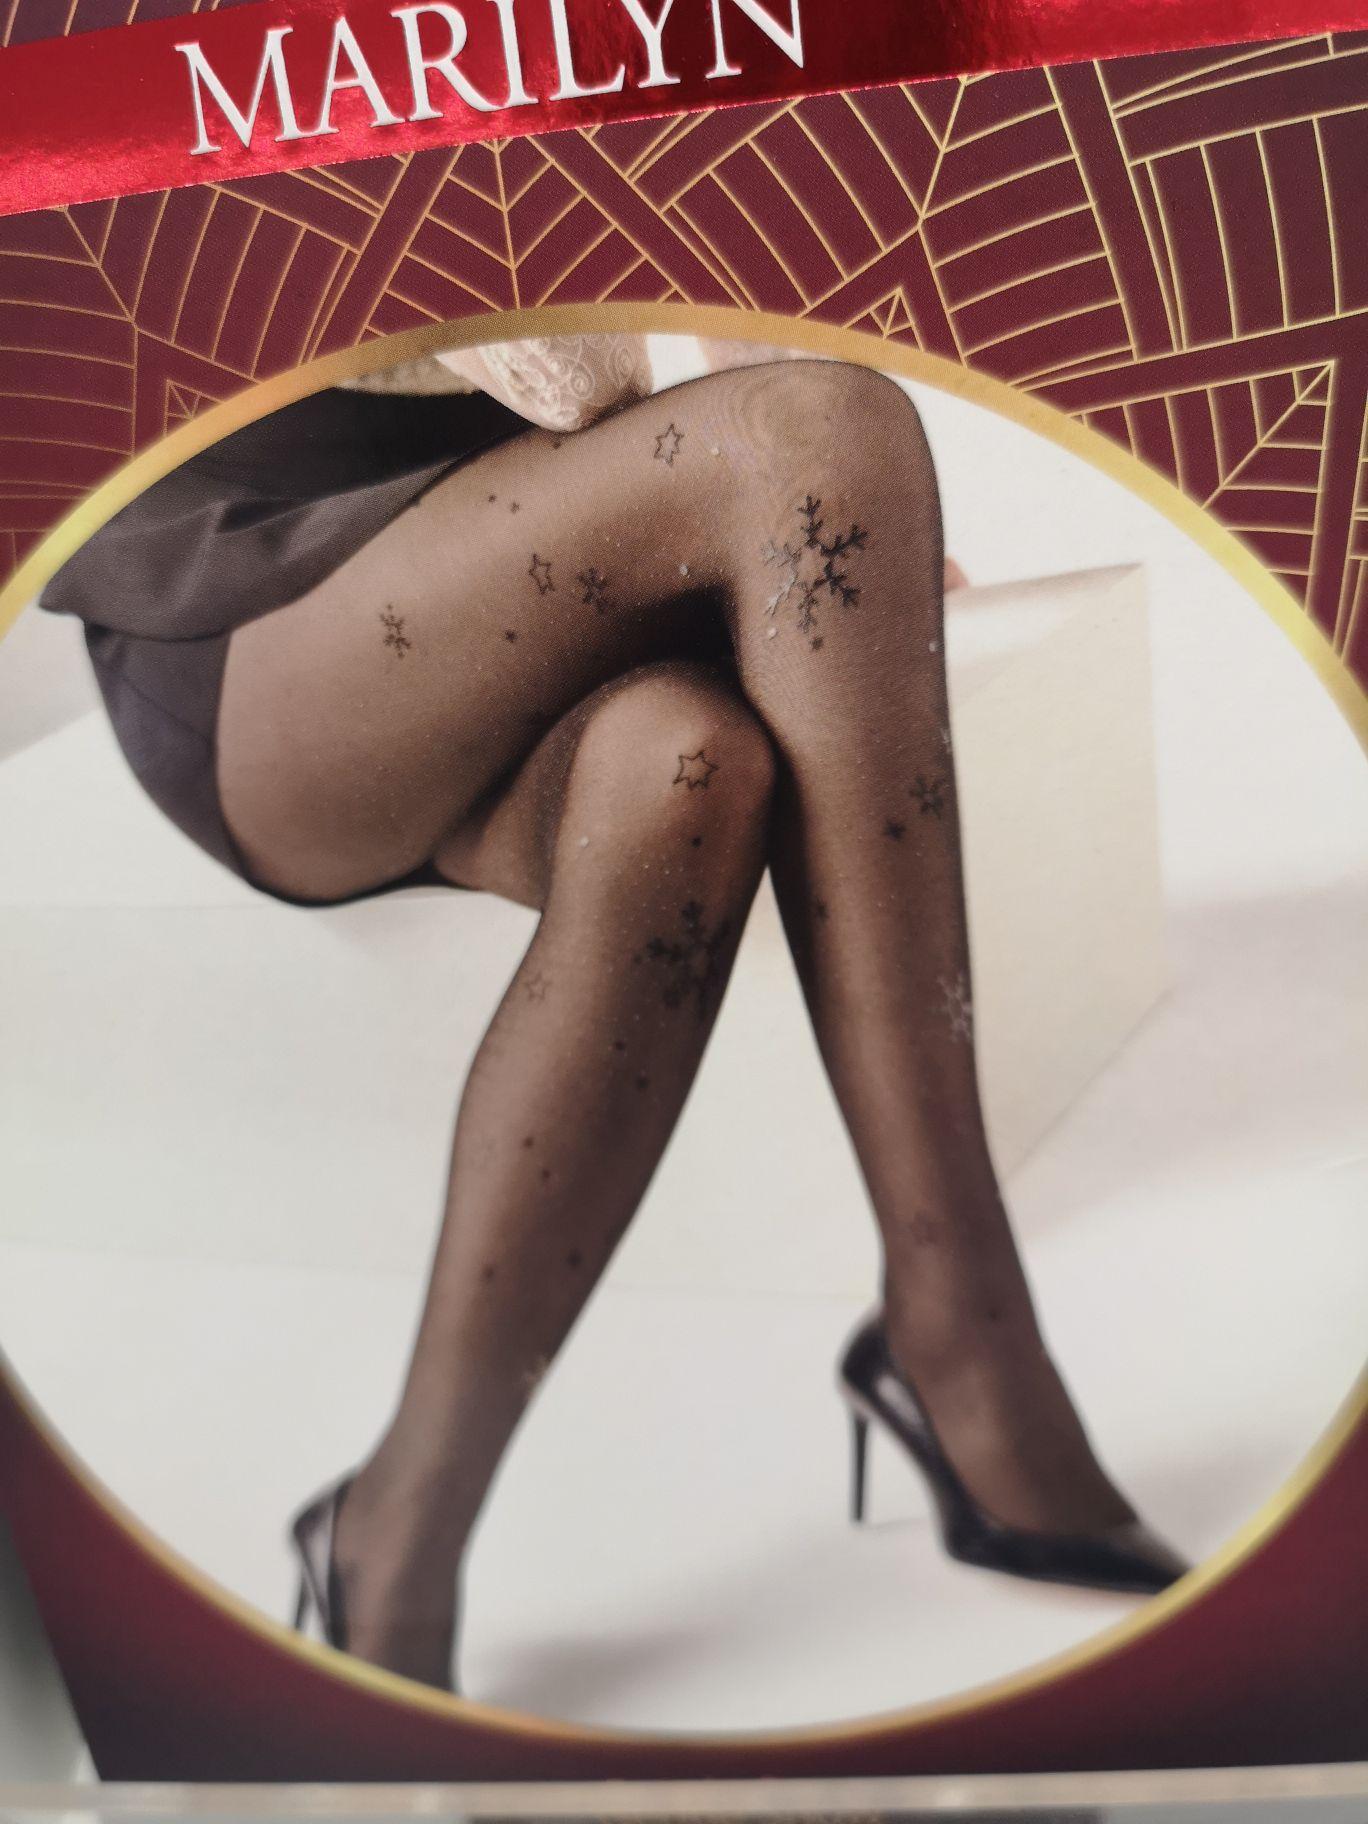 ROSSMANN: Wzorzyste rajstopy Marilyn w super cenie! Świąteczne wzory, brokaty, kabaretki i inne